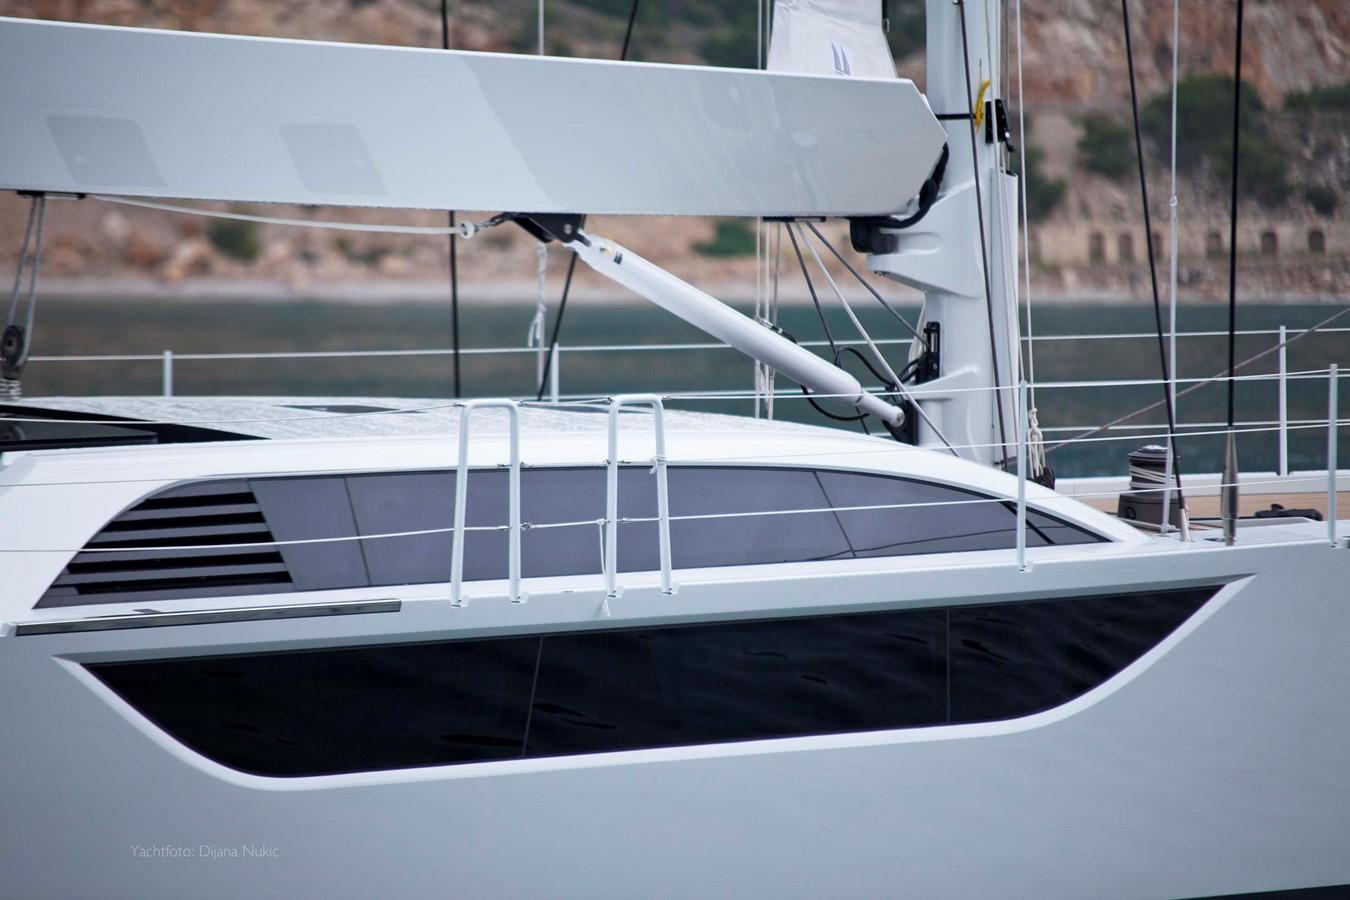 2014 CYRUS YACHTS BD 80 Cruising/Racing Sailboat 2375388